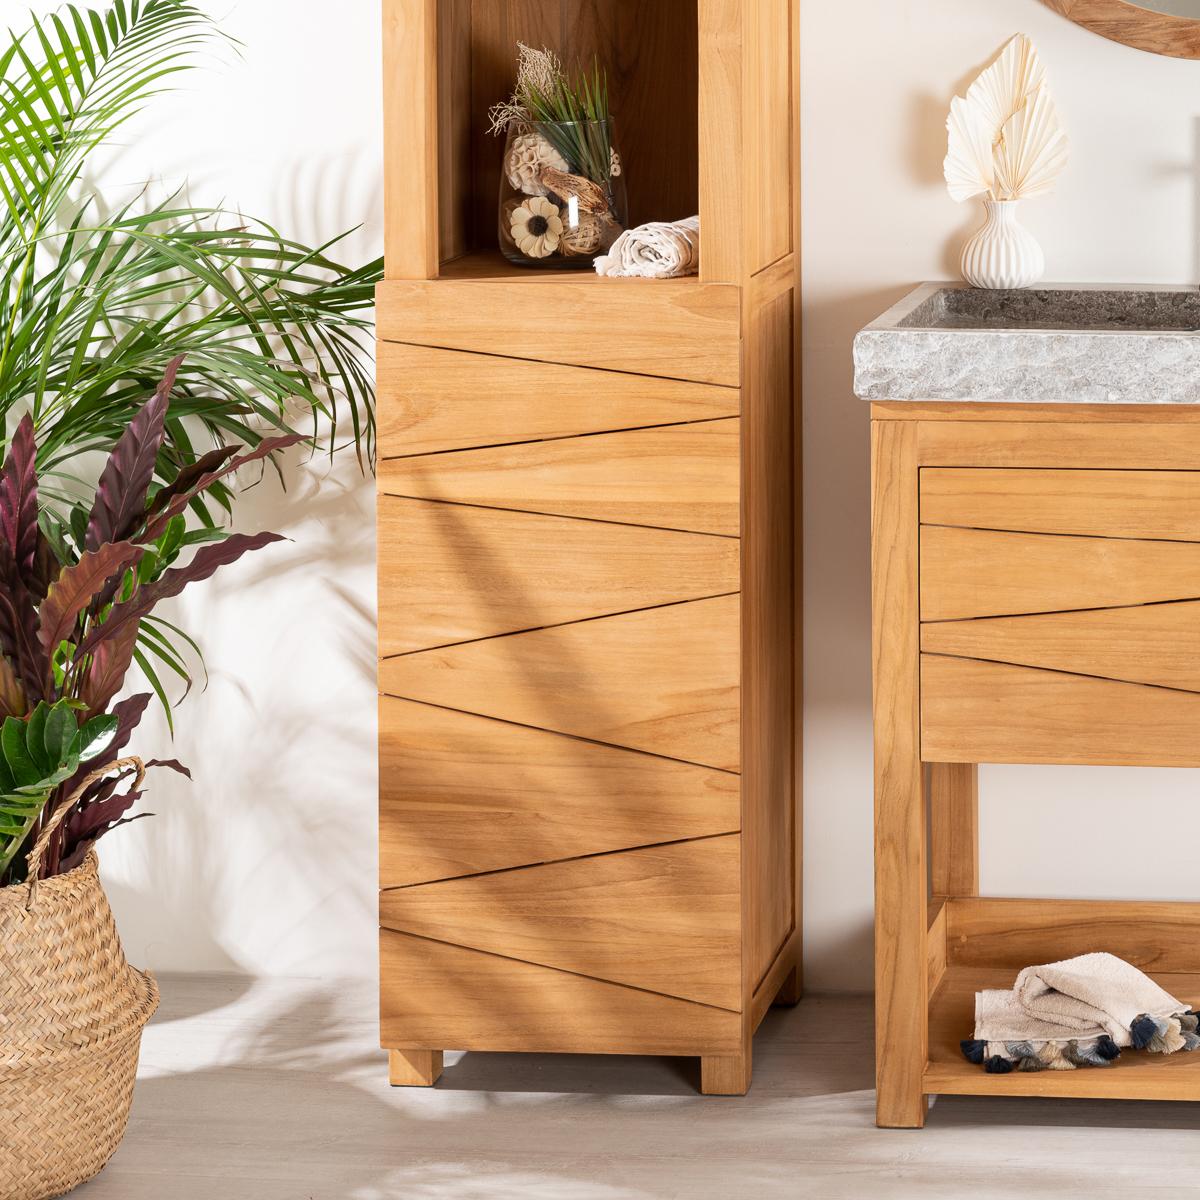 colonne salle de bain en teck massif harmonie 190cm. Black Bedroom Furniture Sets. Home Design Ideas